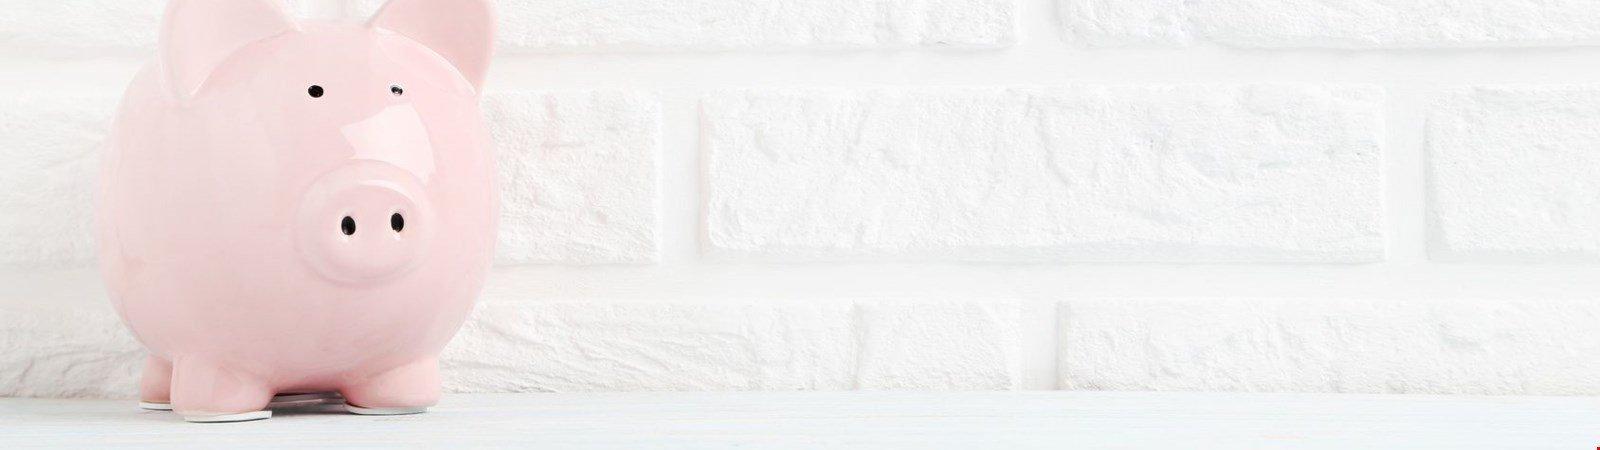 Luftwärmepumpen Kosten: Das müssen Sie für Anschaffung und Betrieb einplanen